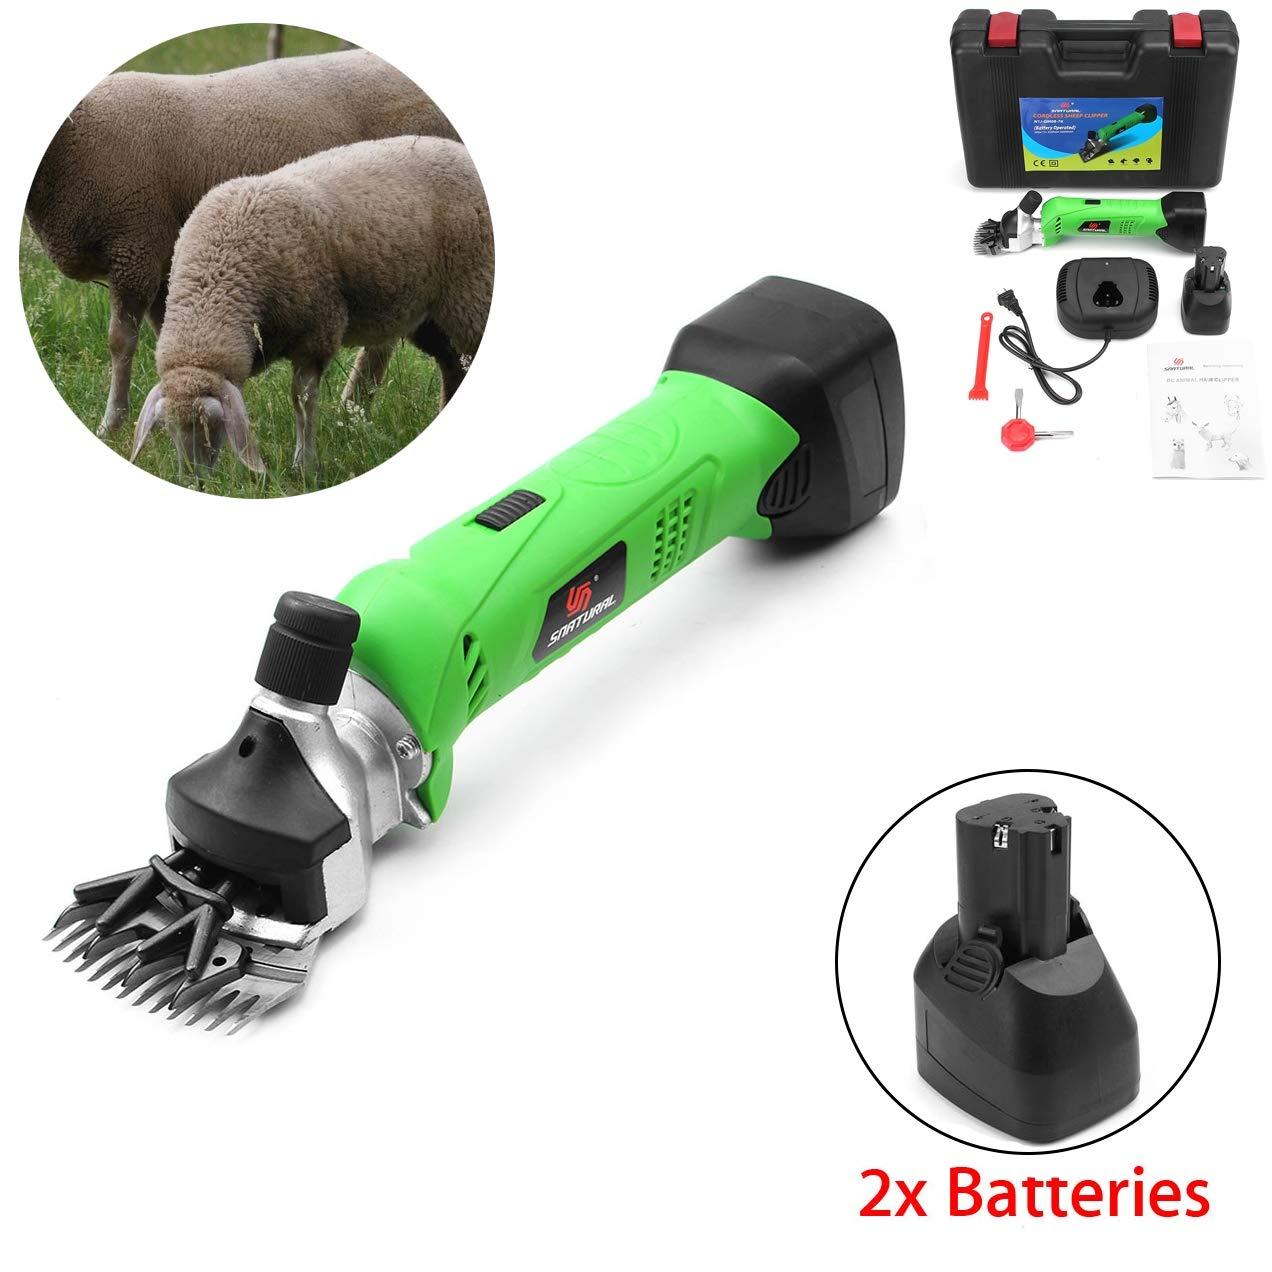 LIJUEZL 12V Senza Fili Elettrico Shearing Clipper-200W Lana Elettrico Pecora Shearing per Allevamento di Bestiame Animali Domestici Grooming,verde